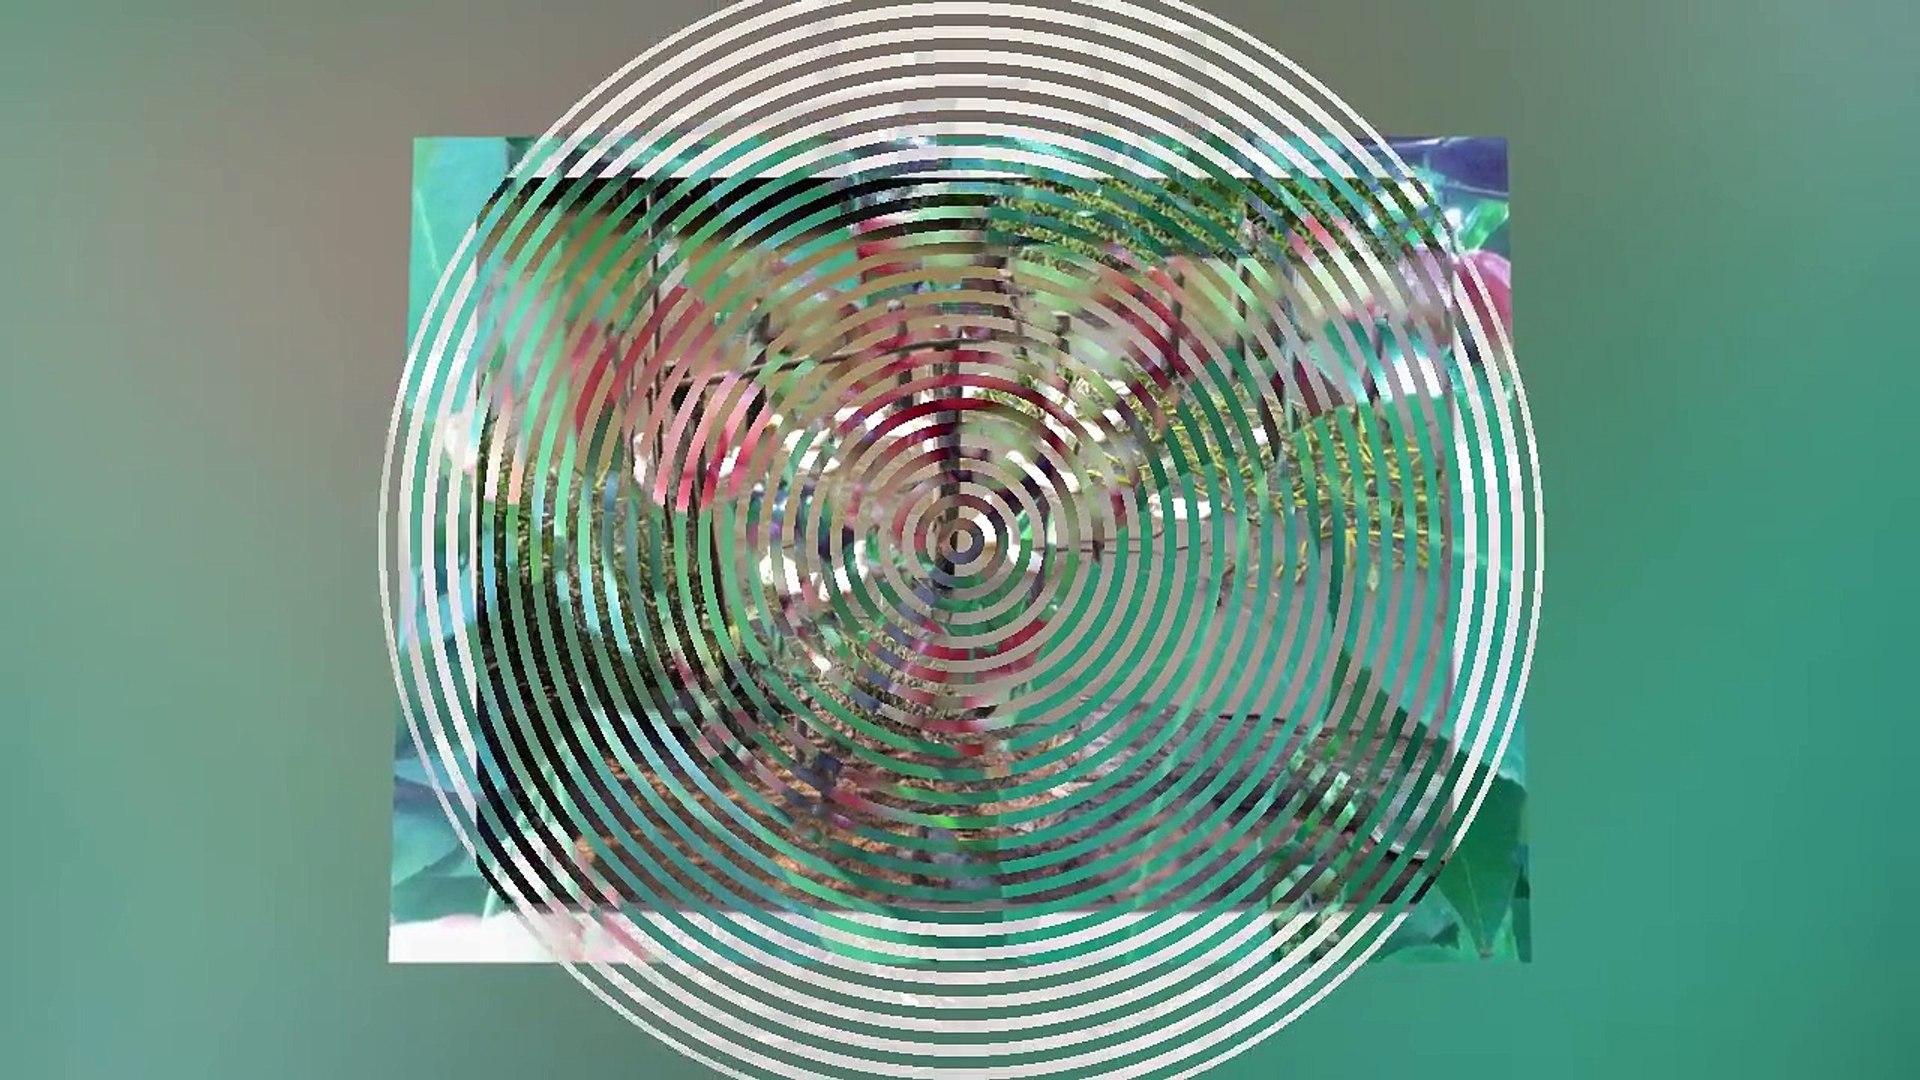 Lk Về Miền Tay Miền Tay Que Tui Cẩm Ly đan Trường Hd 720p Ilovedongthap Video Dailymotion